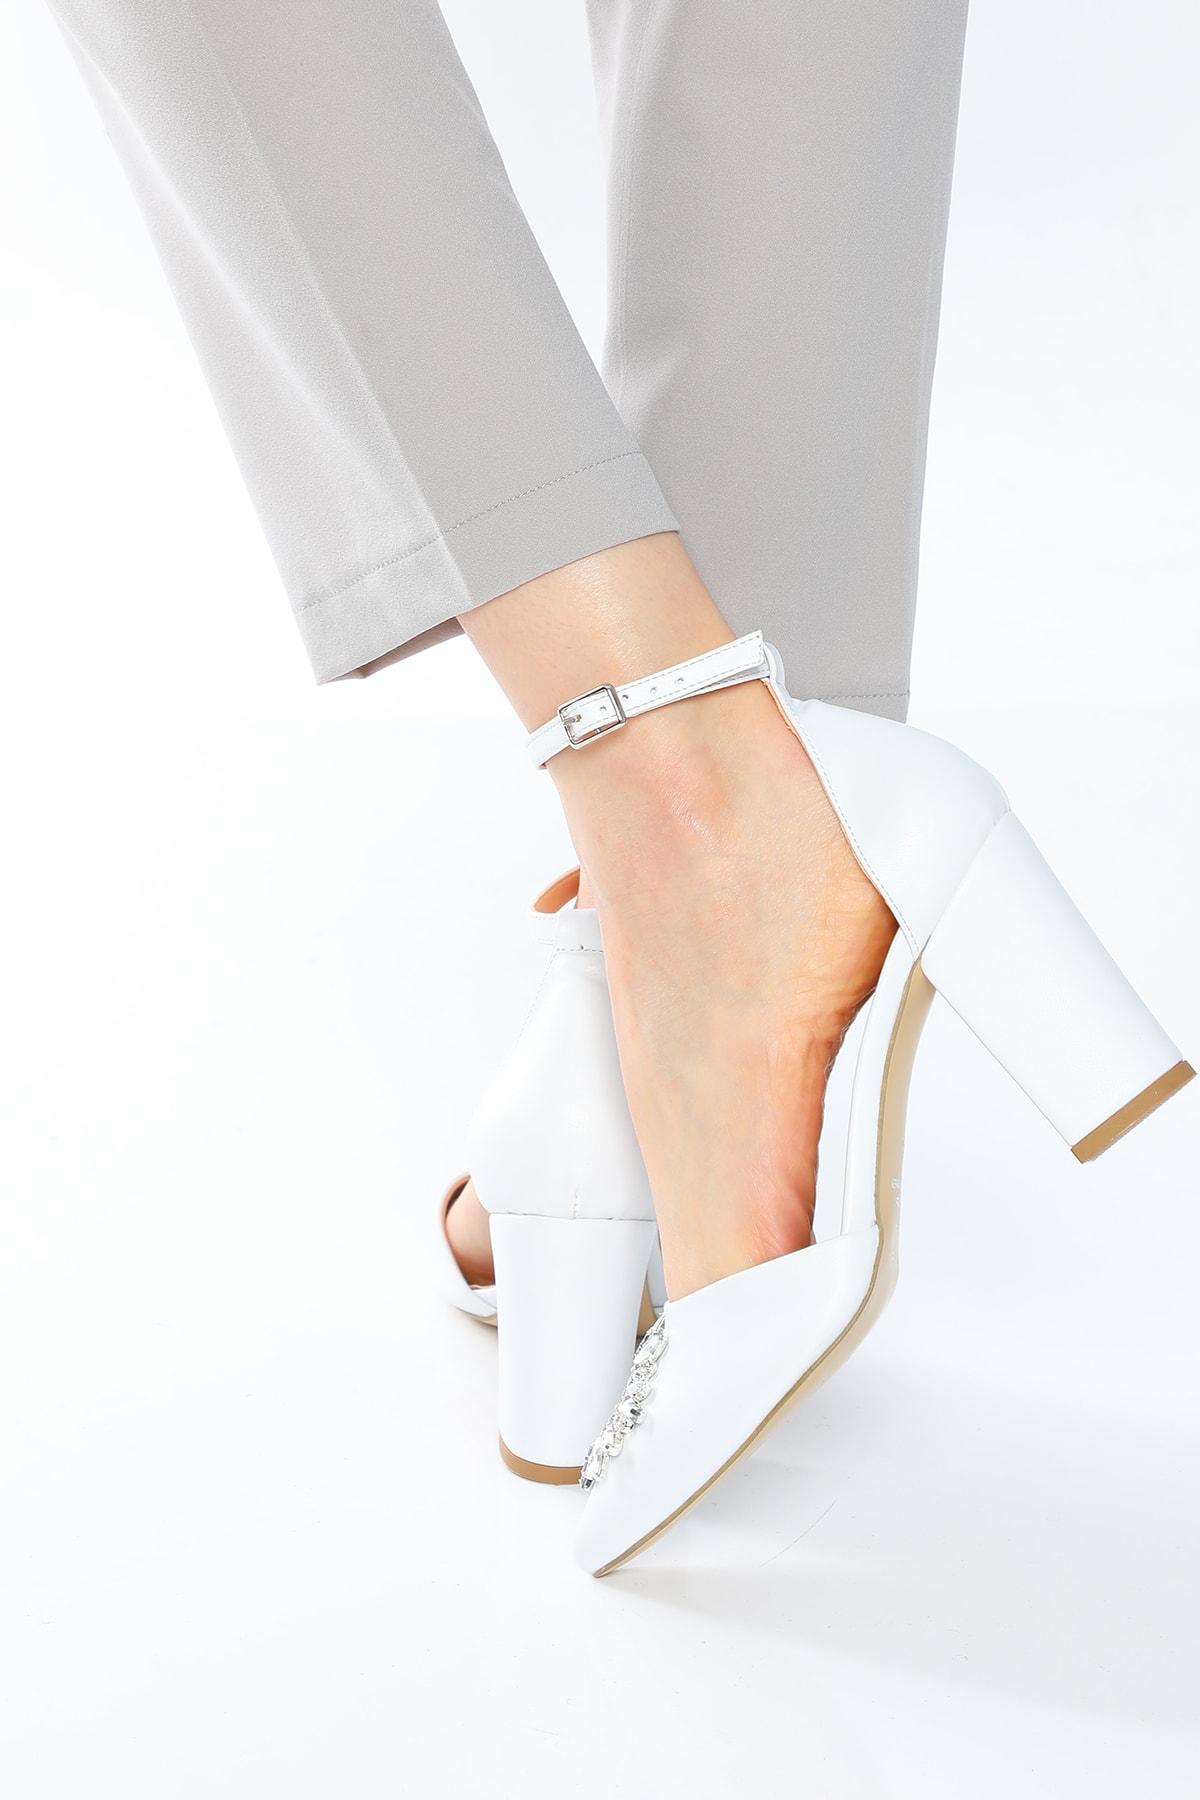 Nizar Deniz Maureen Beyaz Mat  Sivri 8cm Kristal Taşlı Kalın Topuklu Kadın Ayakkabı 2